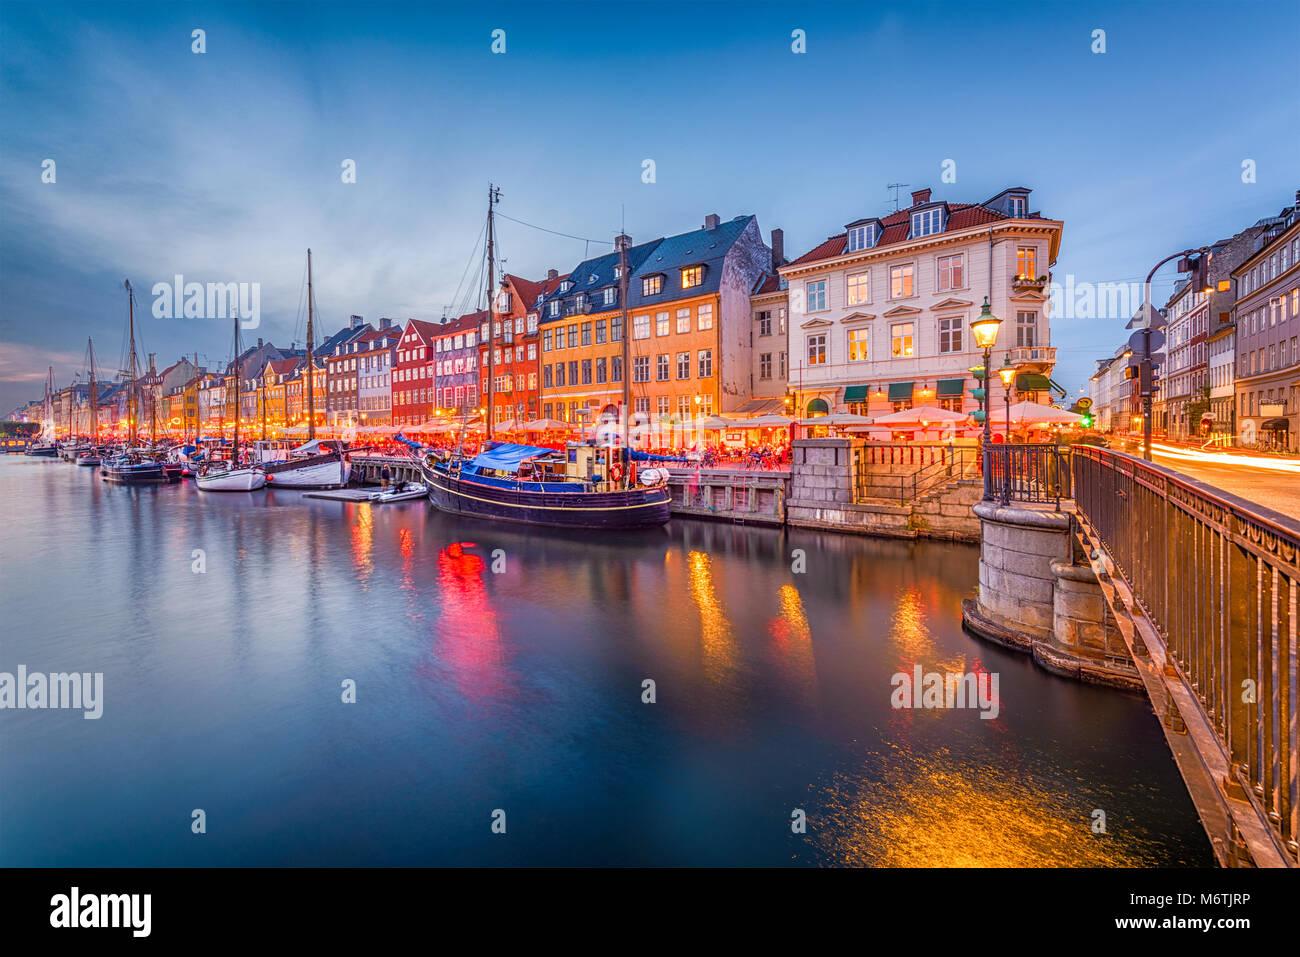 Copenhague, Dinamarca skyline en el Canal de Nyhavn en penumbra. Imagen De Stock